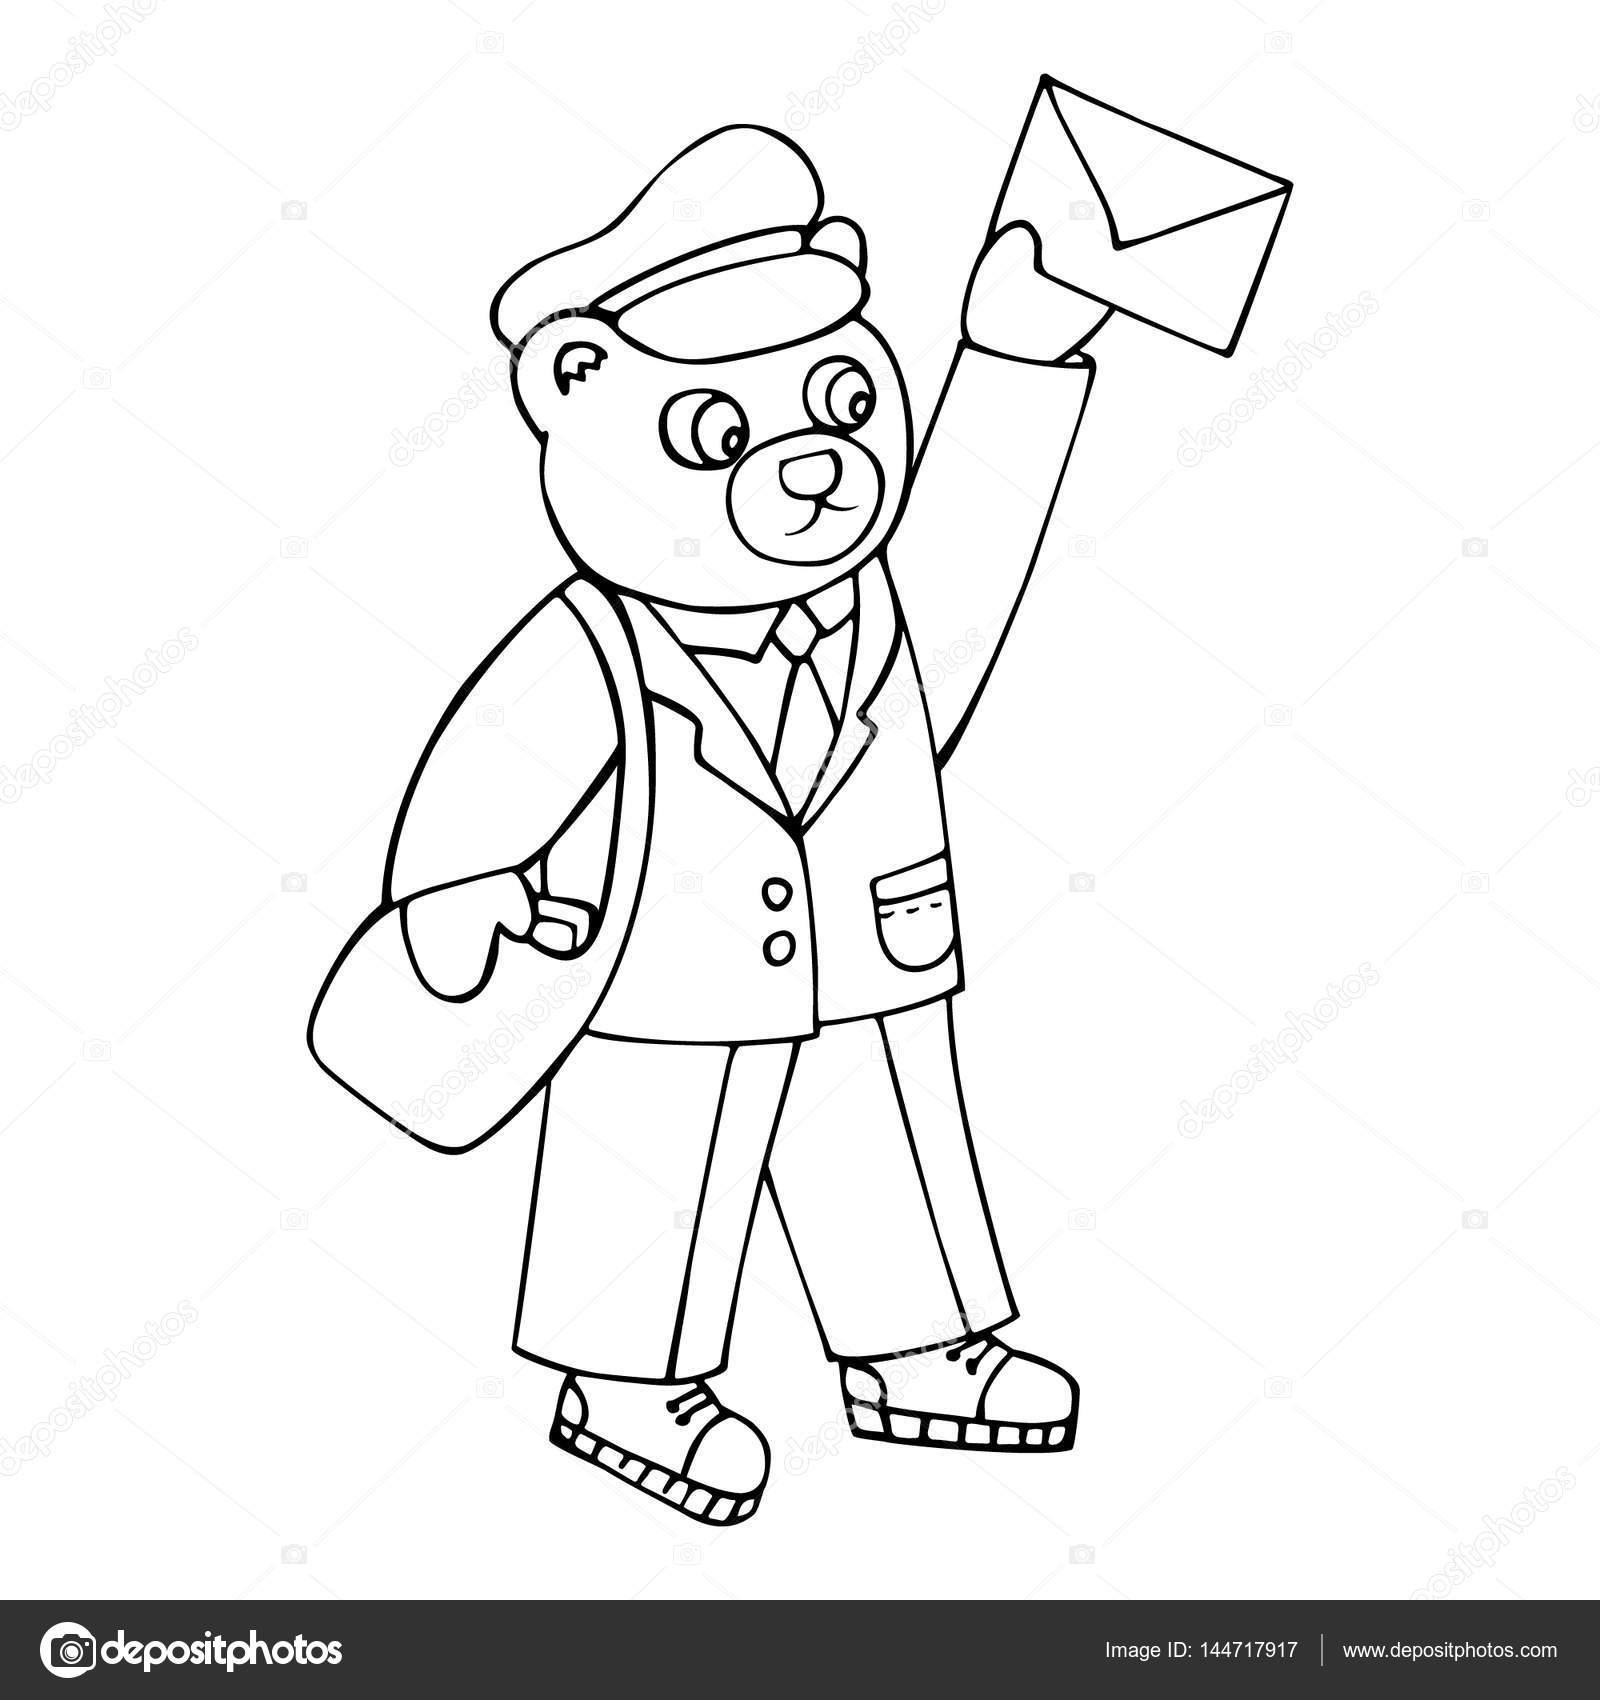 Bär, brachte der Postbote einen Brief. Malvorlagen für Kinder ...